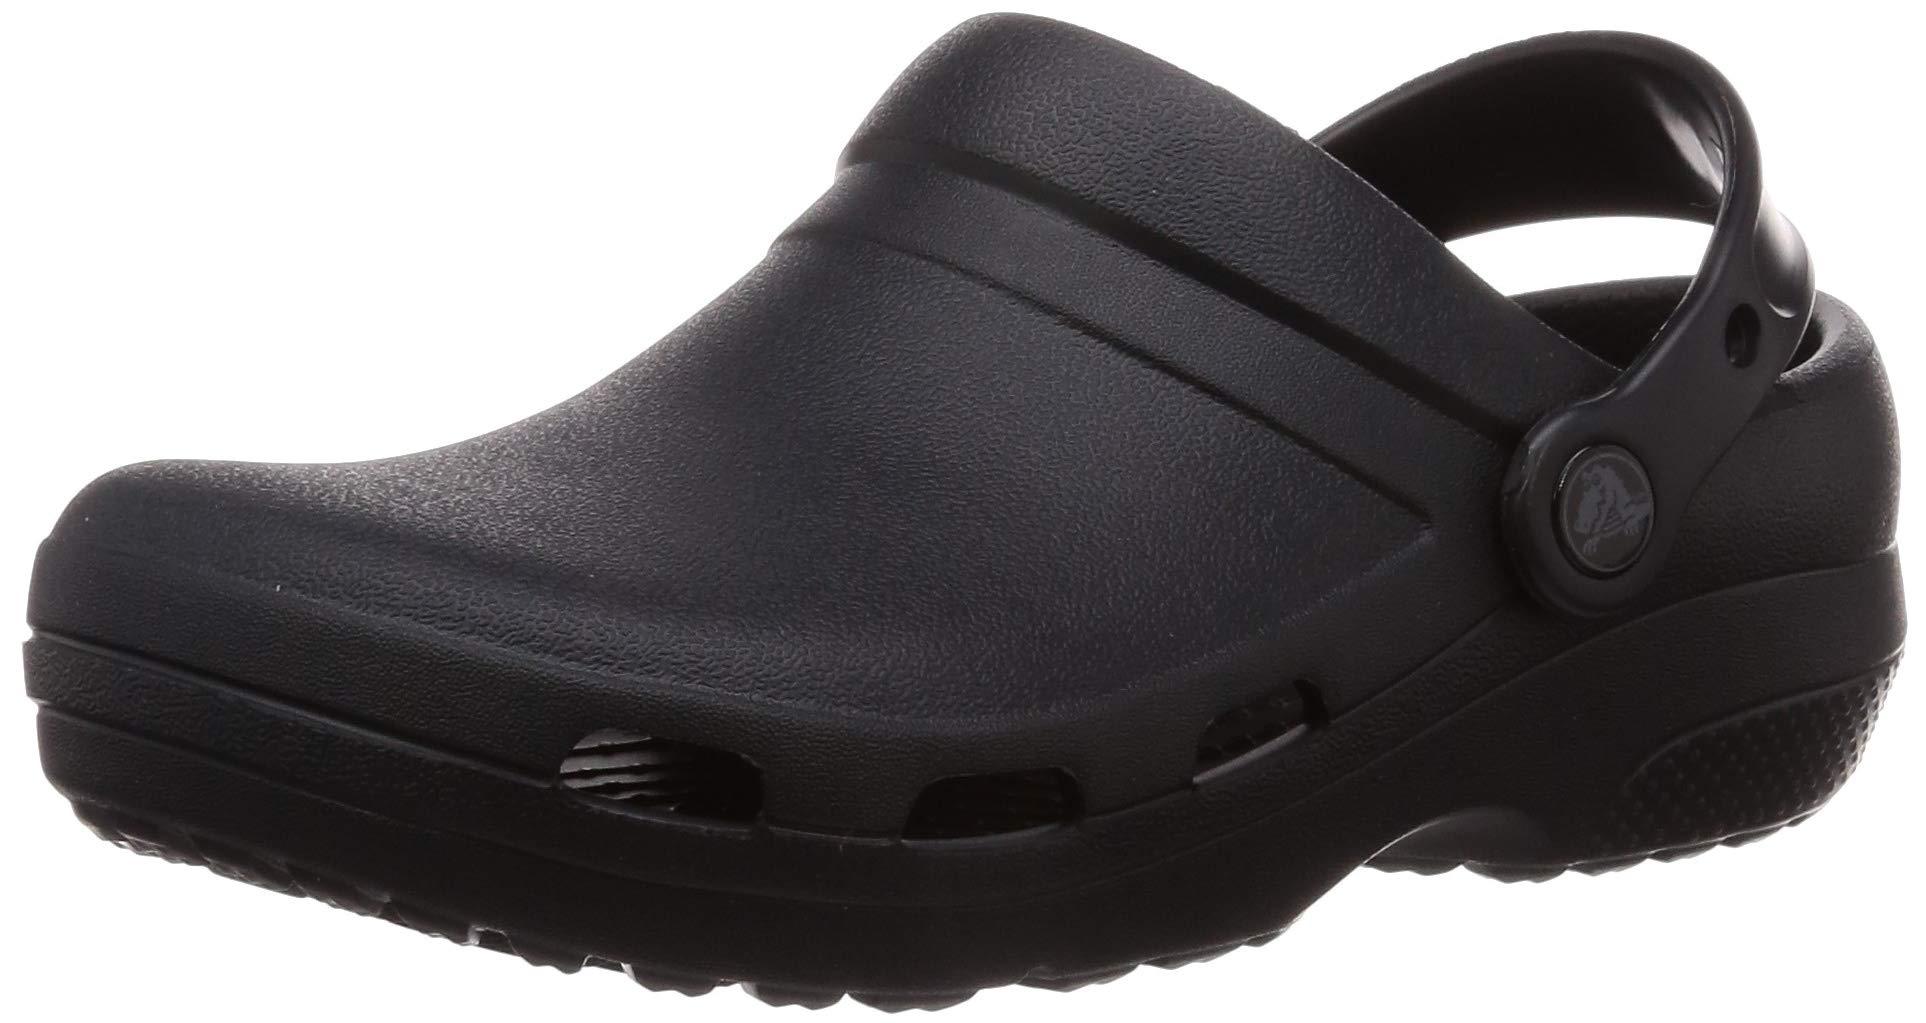 Crocs Specialist II Vent Clog, Black 7 US Men/ 9 US Women M US